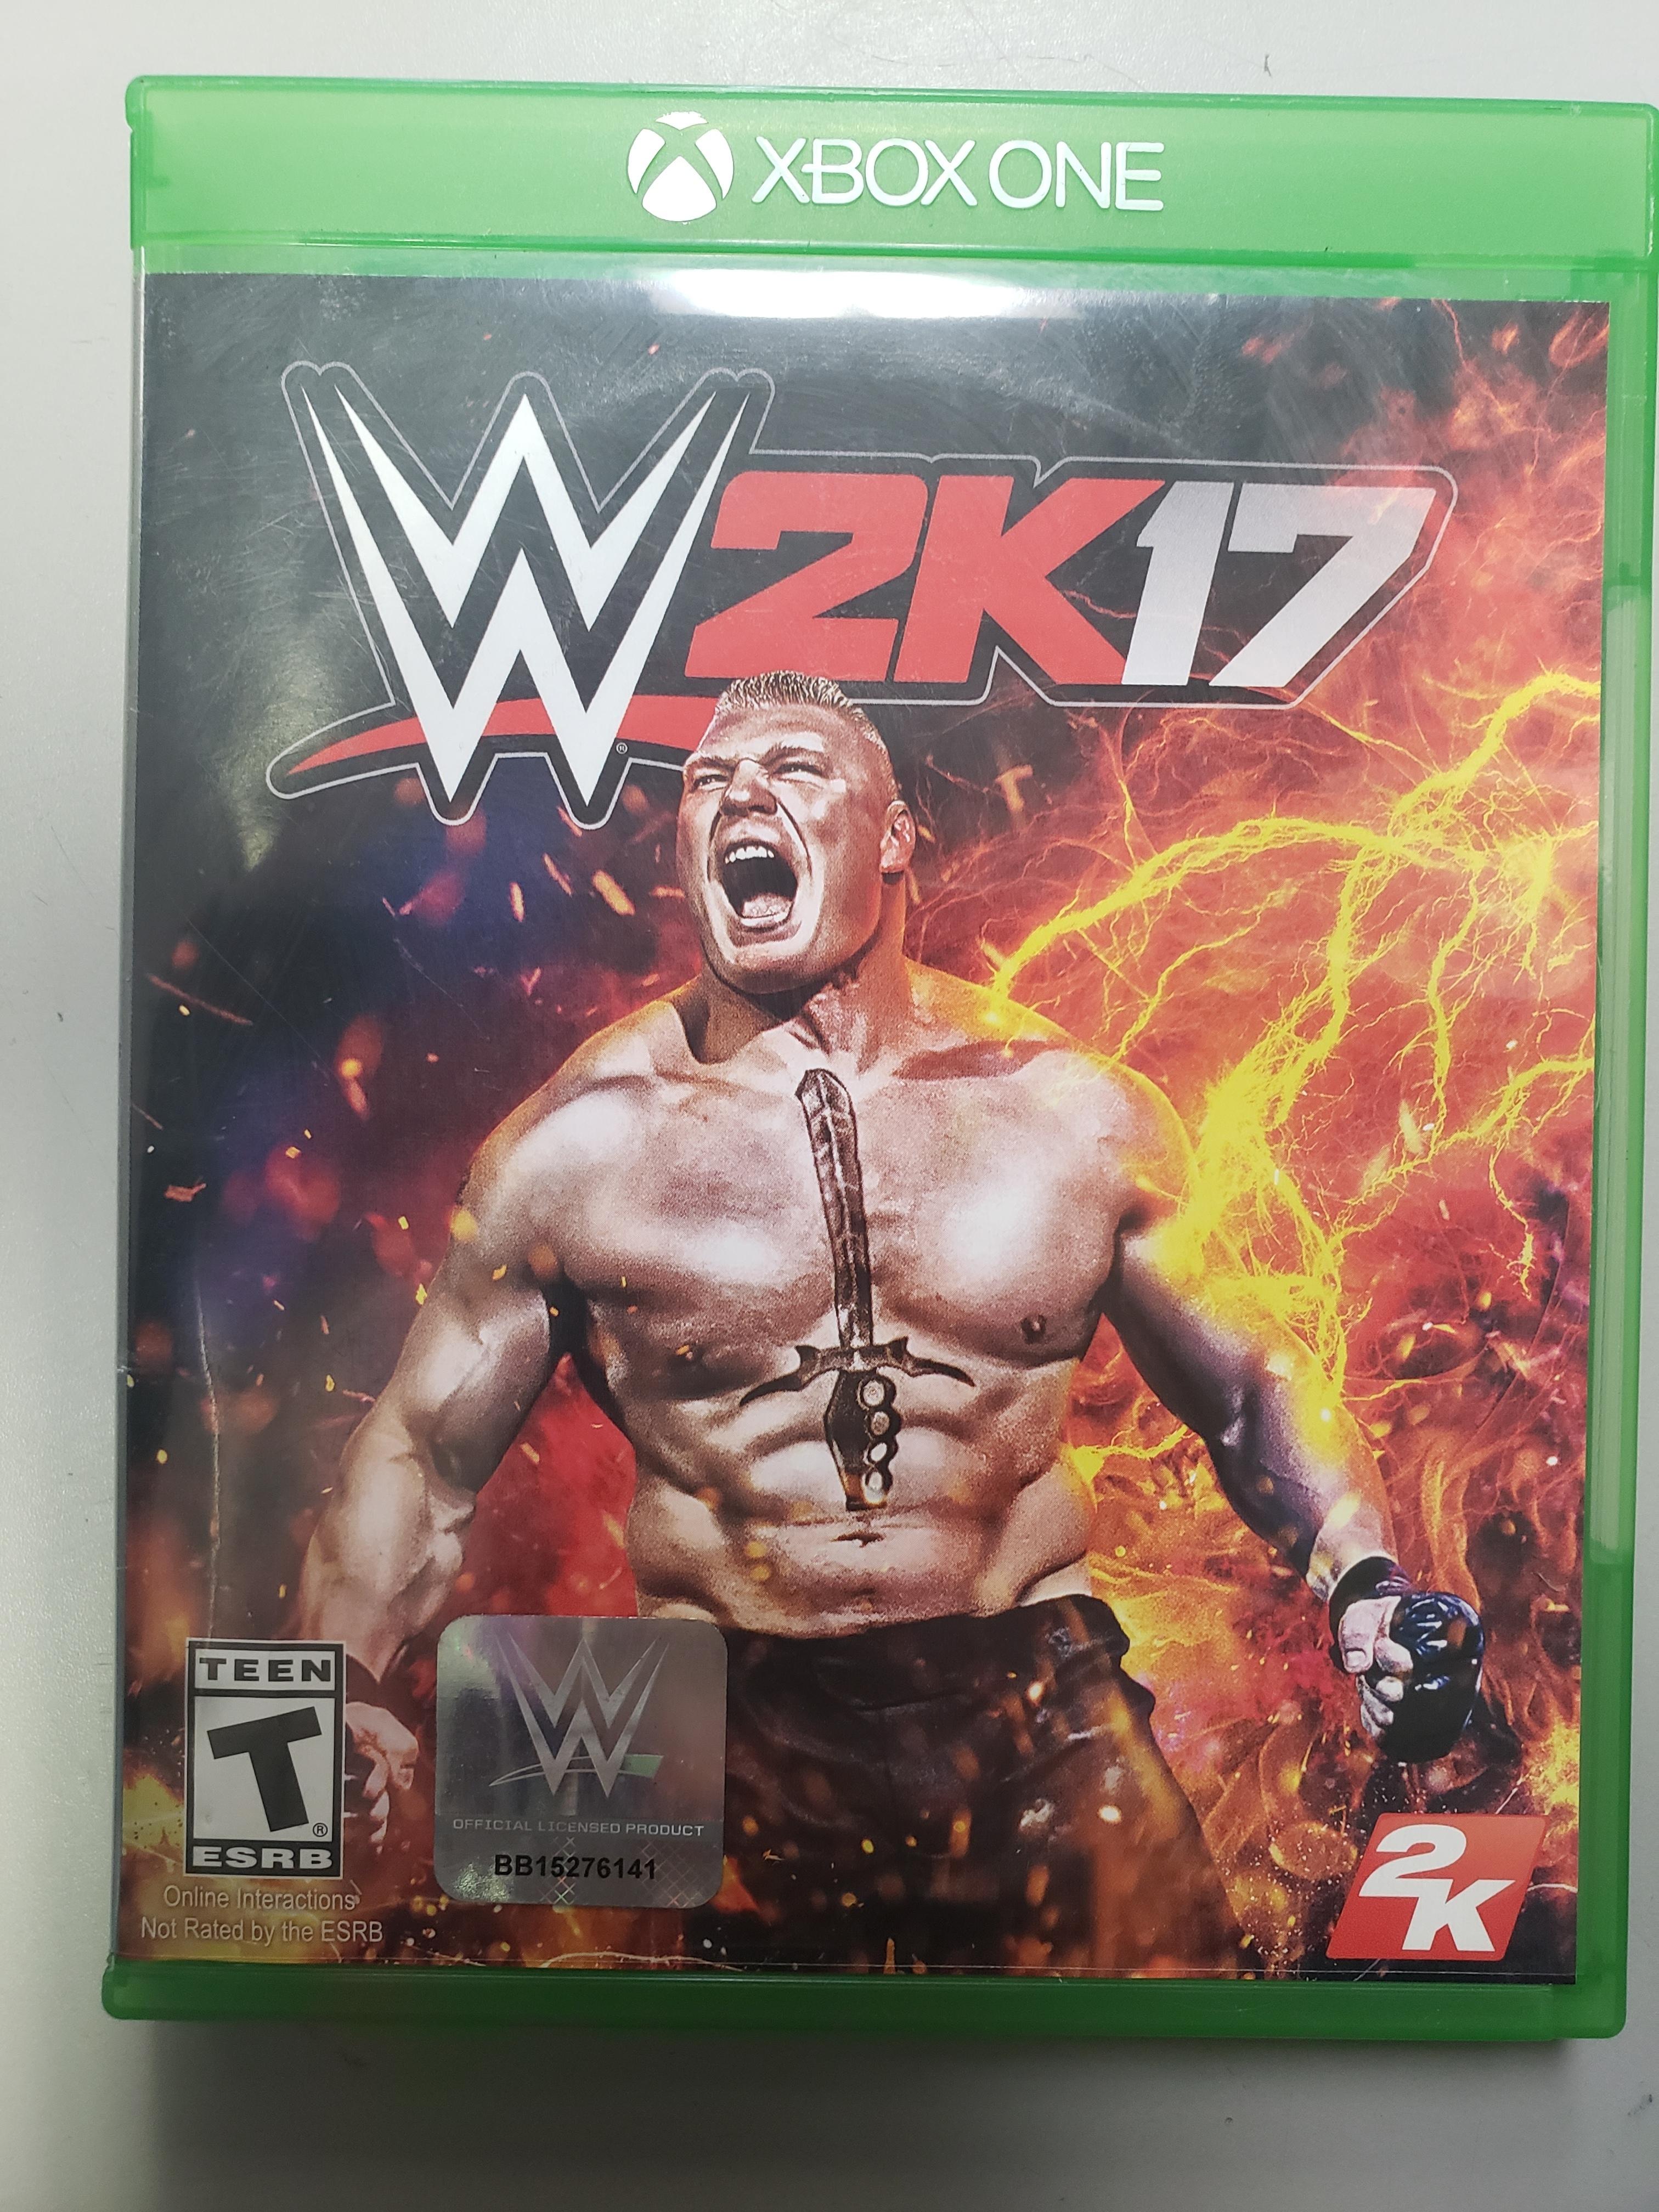 W2K17 - XBOX ONE GAME